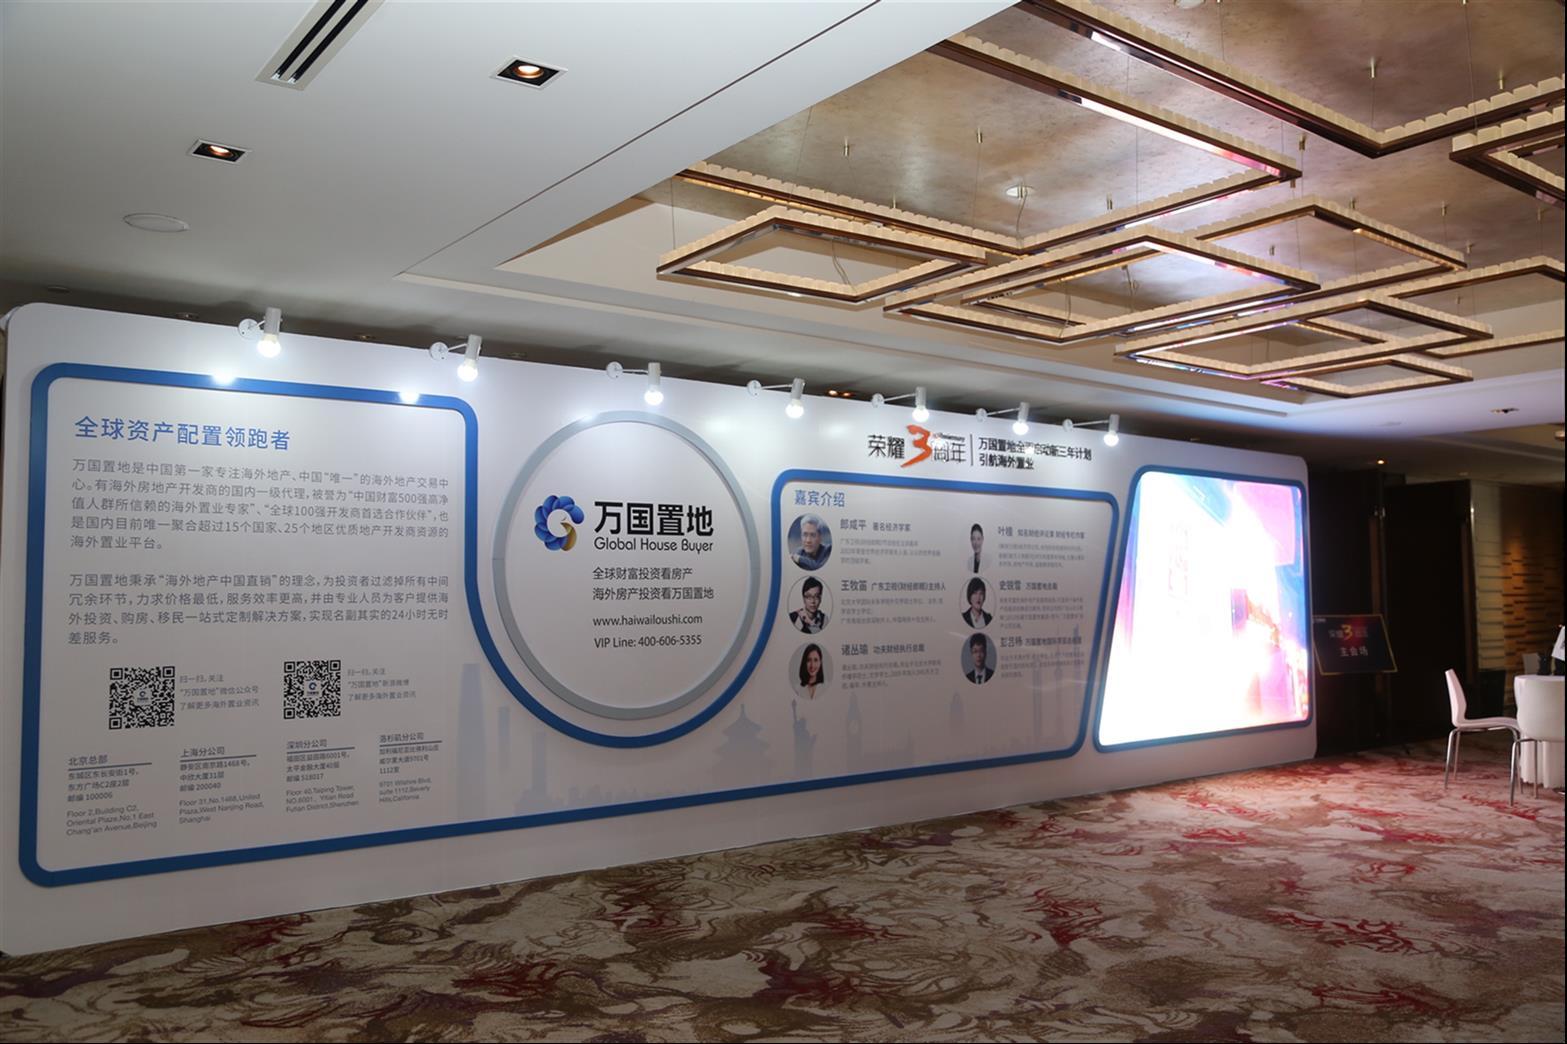 上海大型会议舞台桁架背景板租赁找束影